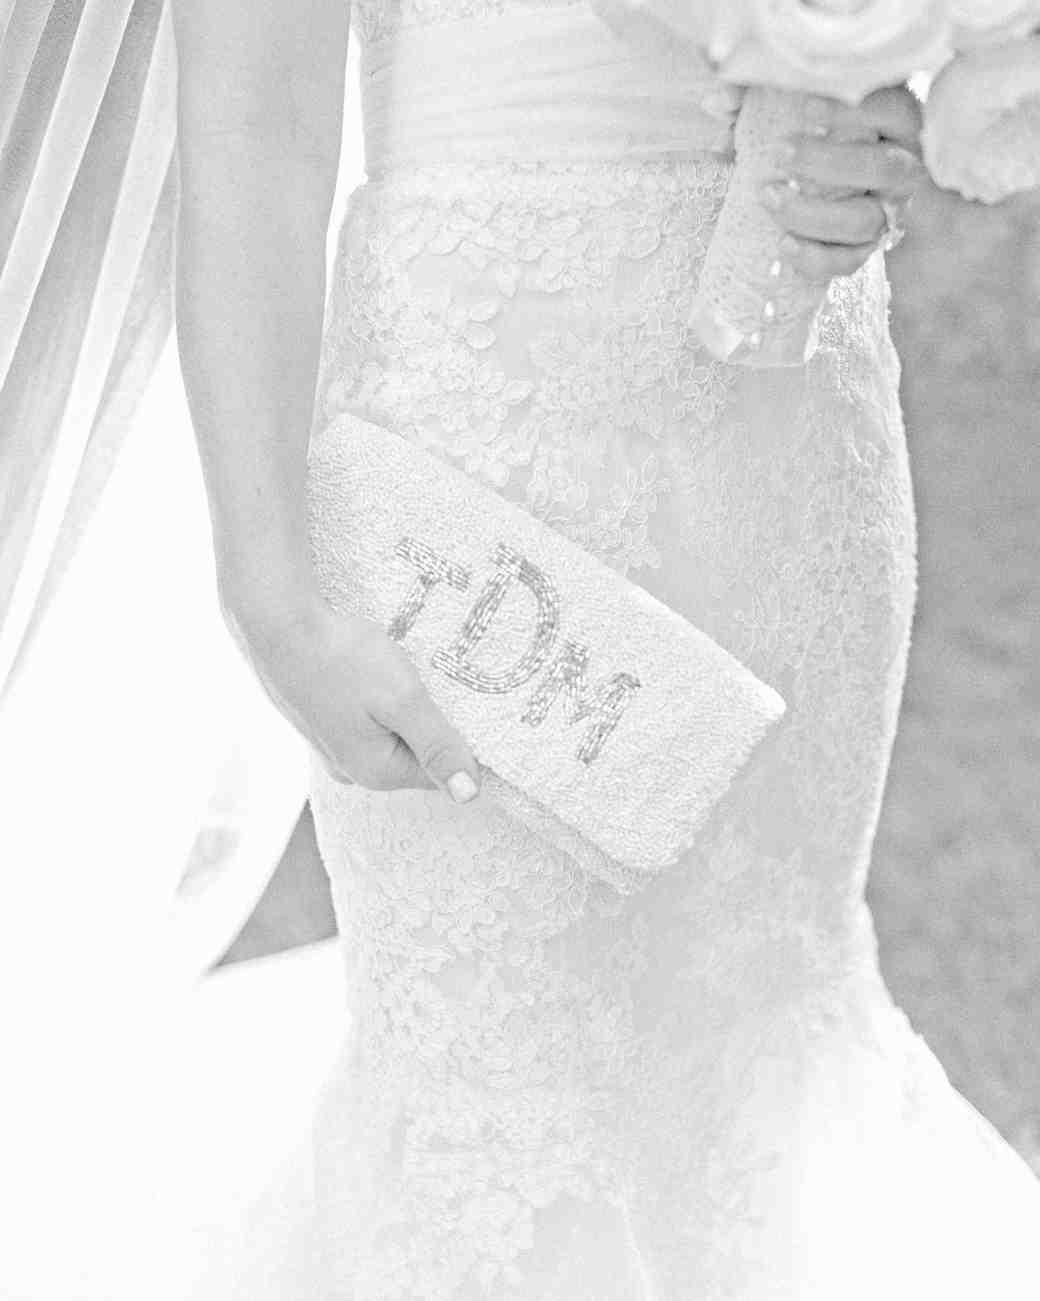 tiffany-david-wedding-clutch-1050-s112676-1115.jpg